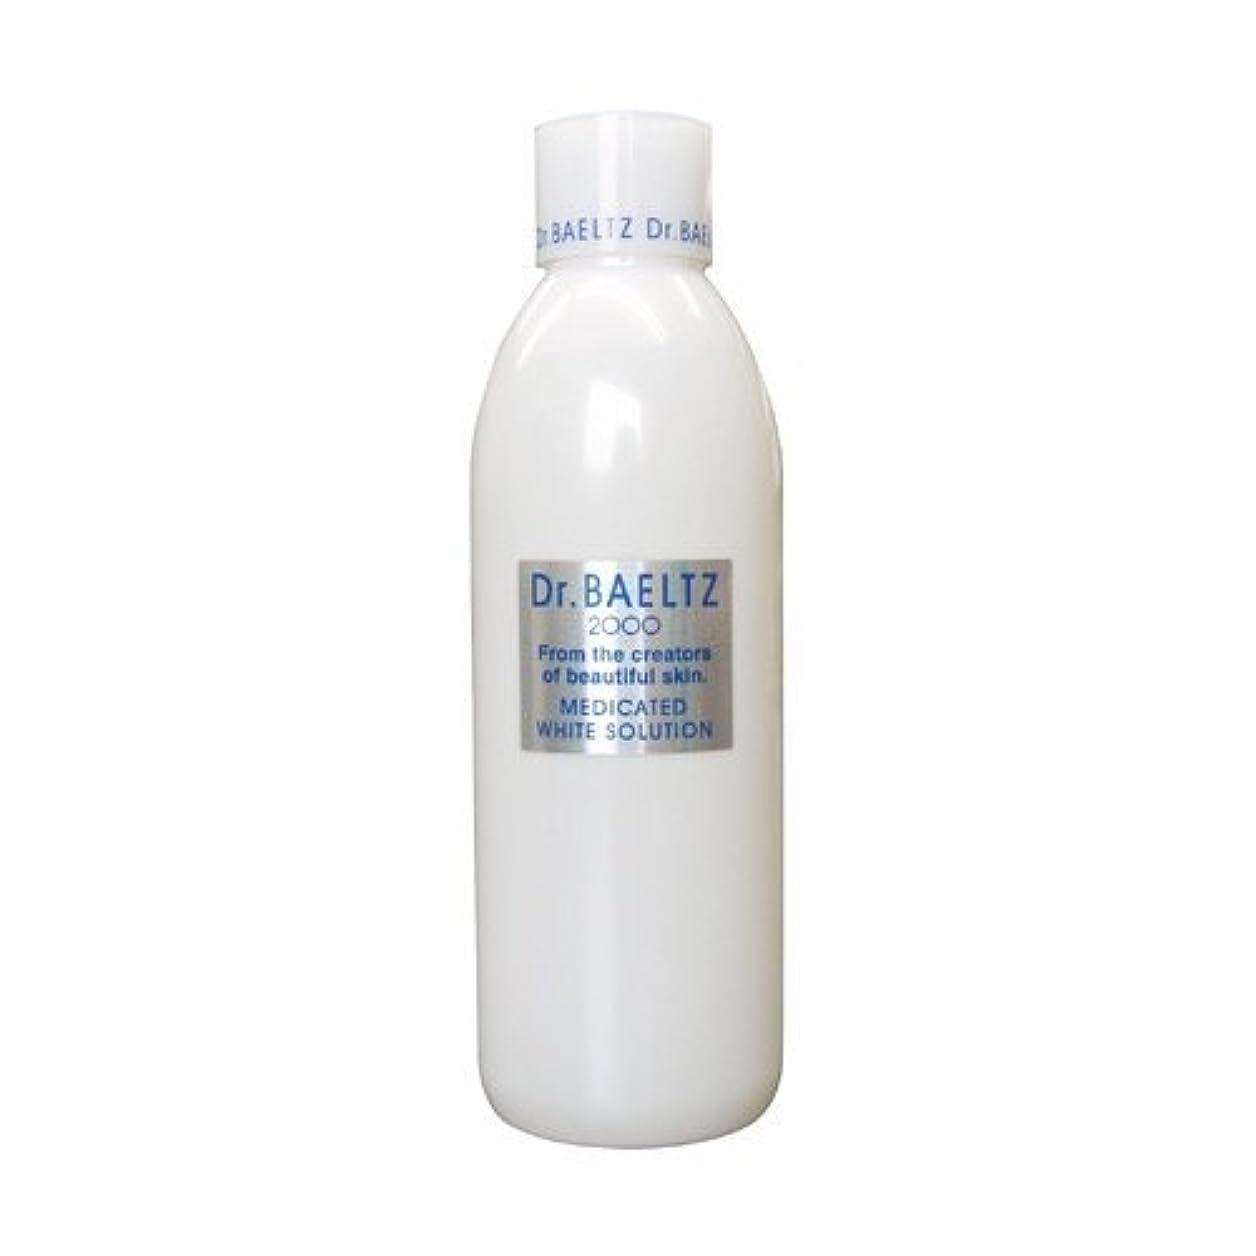 田舎者ねじれピカリングドクターベルツ(Dr.BAELTZ) 薬用ホワイトソリューション 300ml(美白化粧水 医薬部外品)